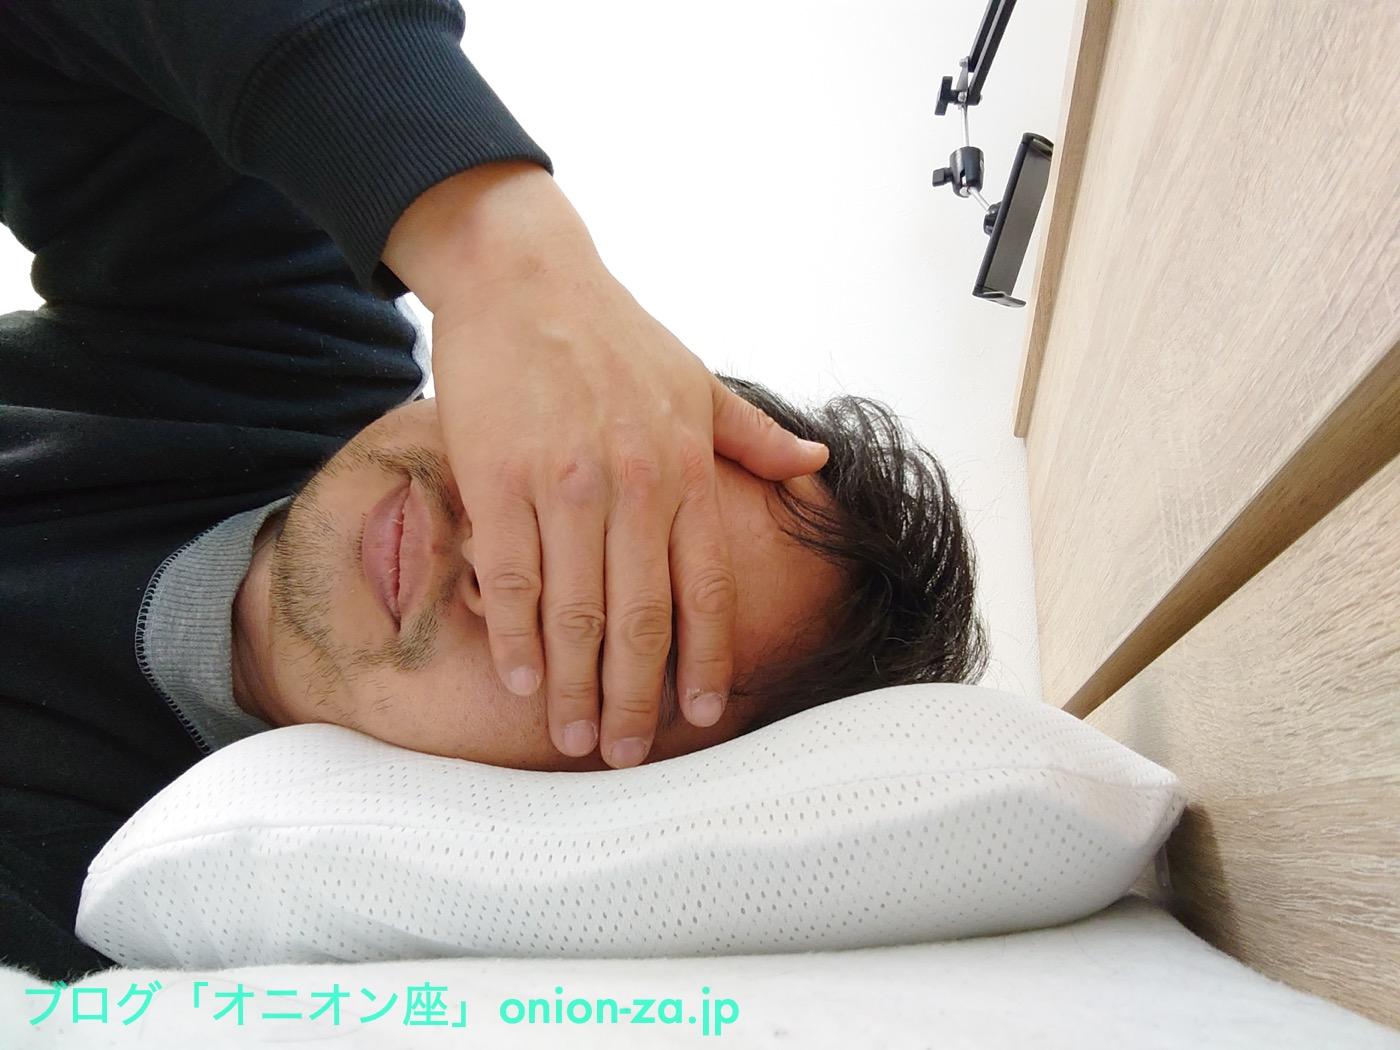 ヨコで寝ると肩と首が楽。ヒゲくらい剃っておけばよかった